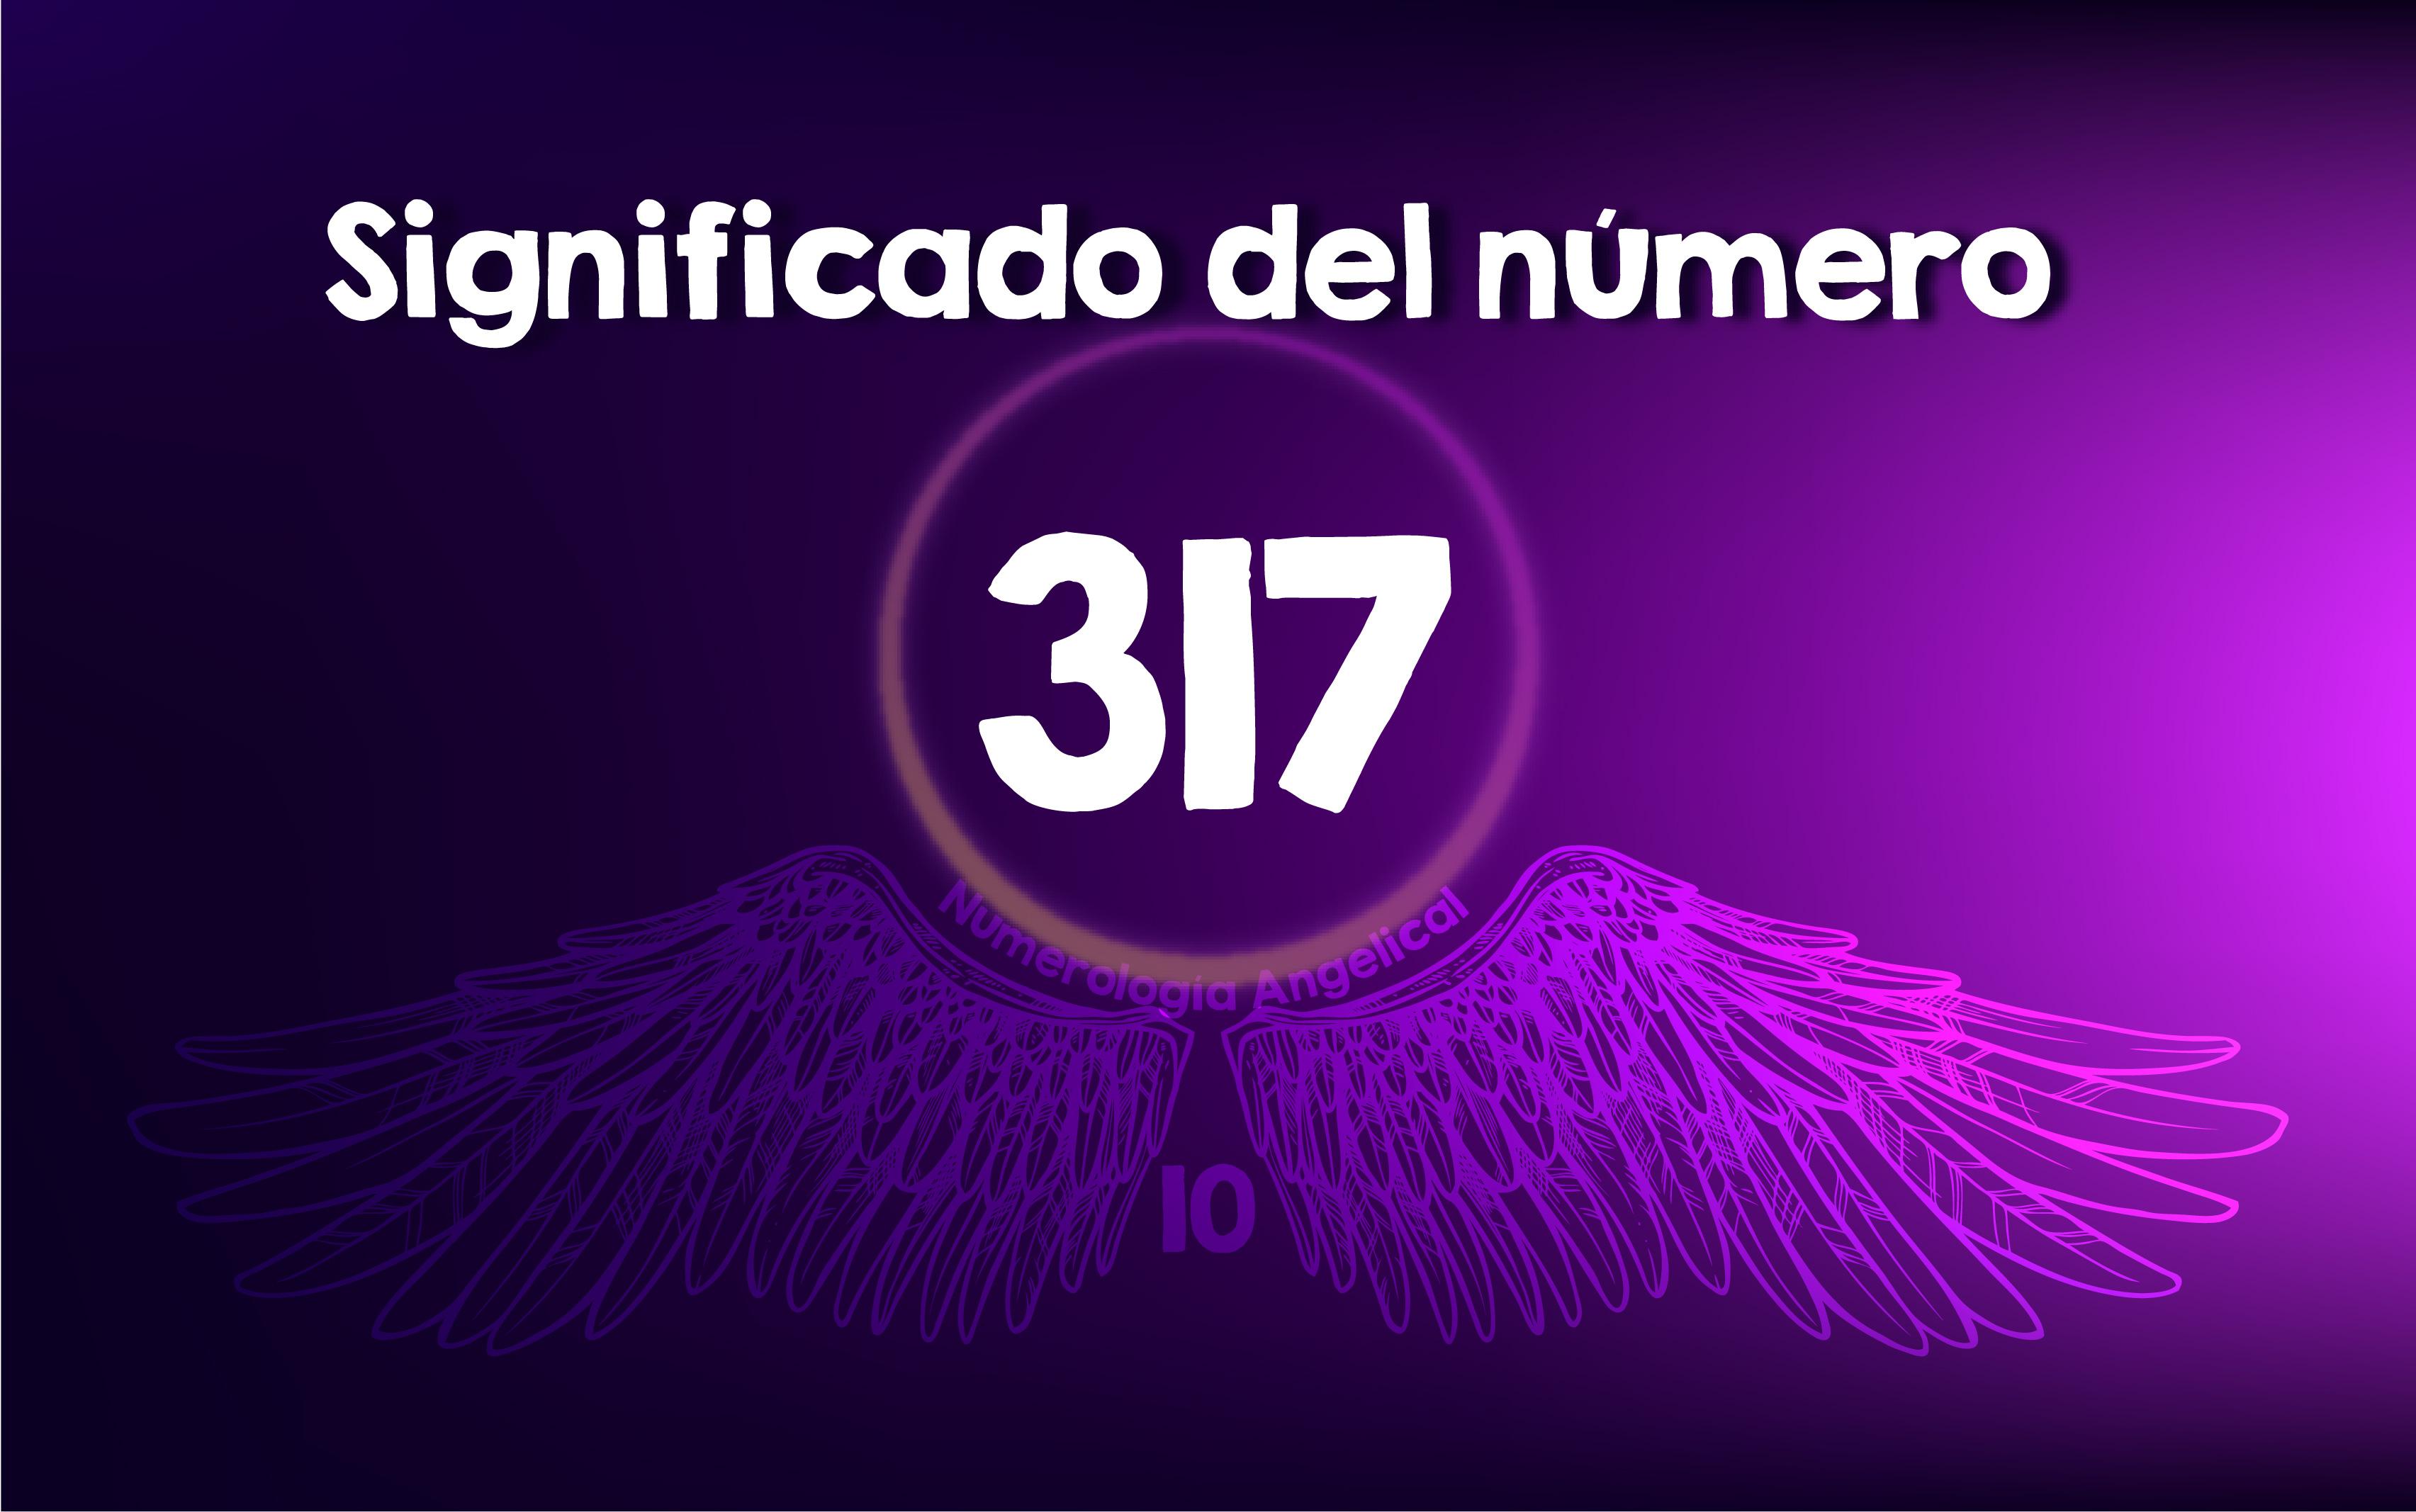 Significado del número 317